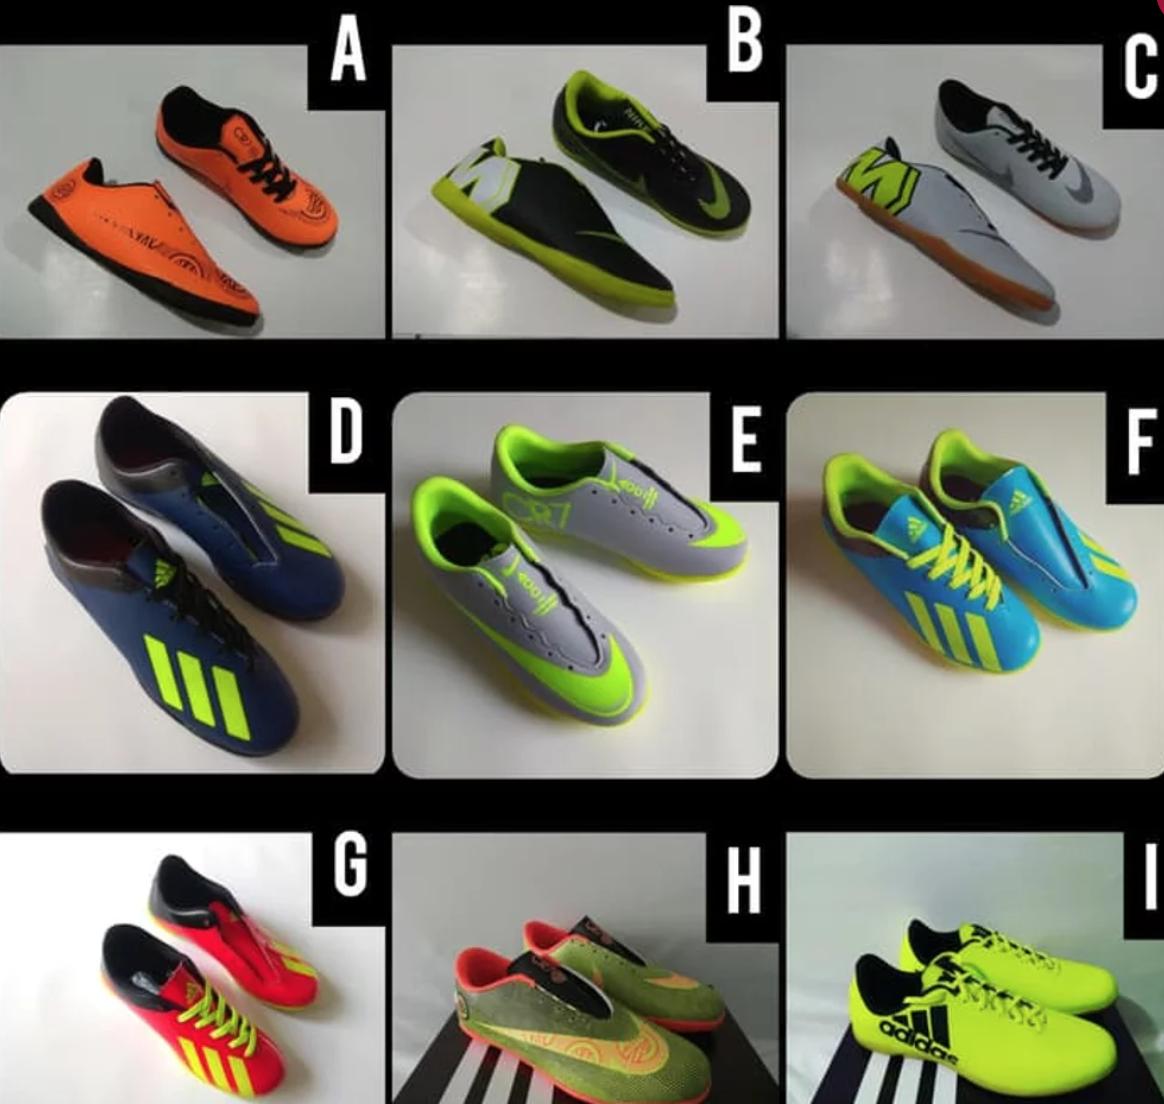 5 Hal yang Perlu Diperhatikan Ketika Memilih Sepatu Futsal